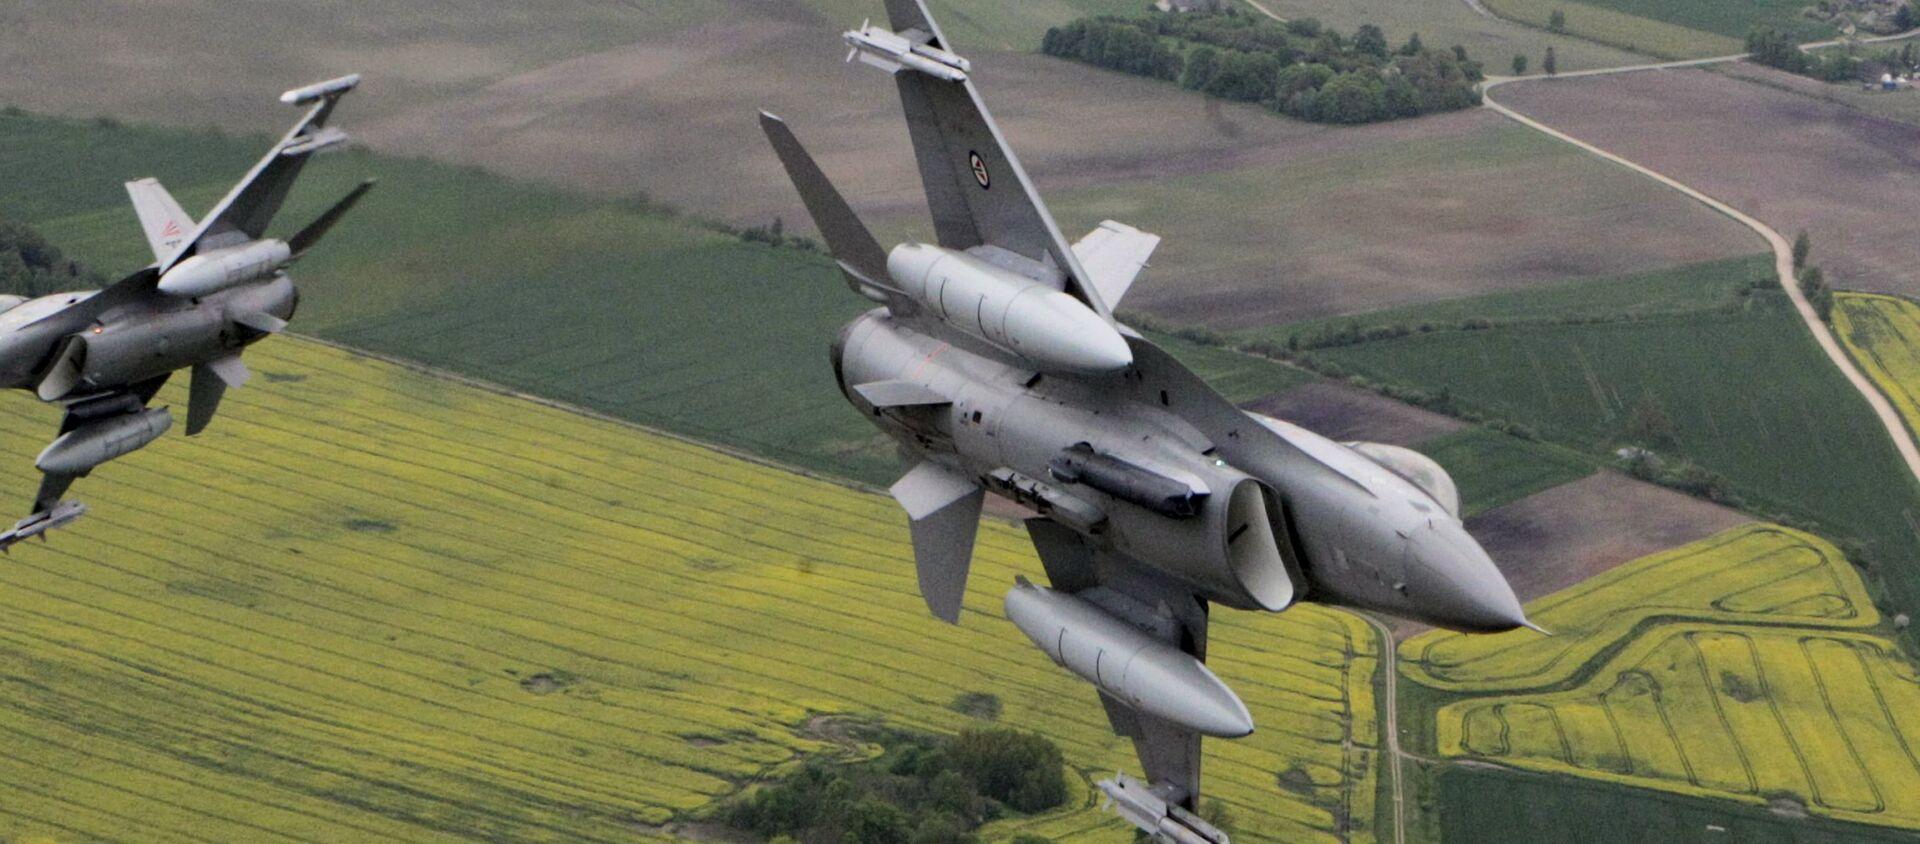 Máy bay chiến đấu F-16 Fighting Falcon. - Sputnik Việt Nam, 1920, 02.05.2021